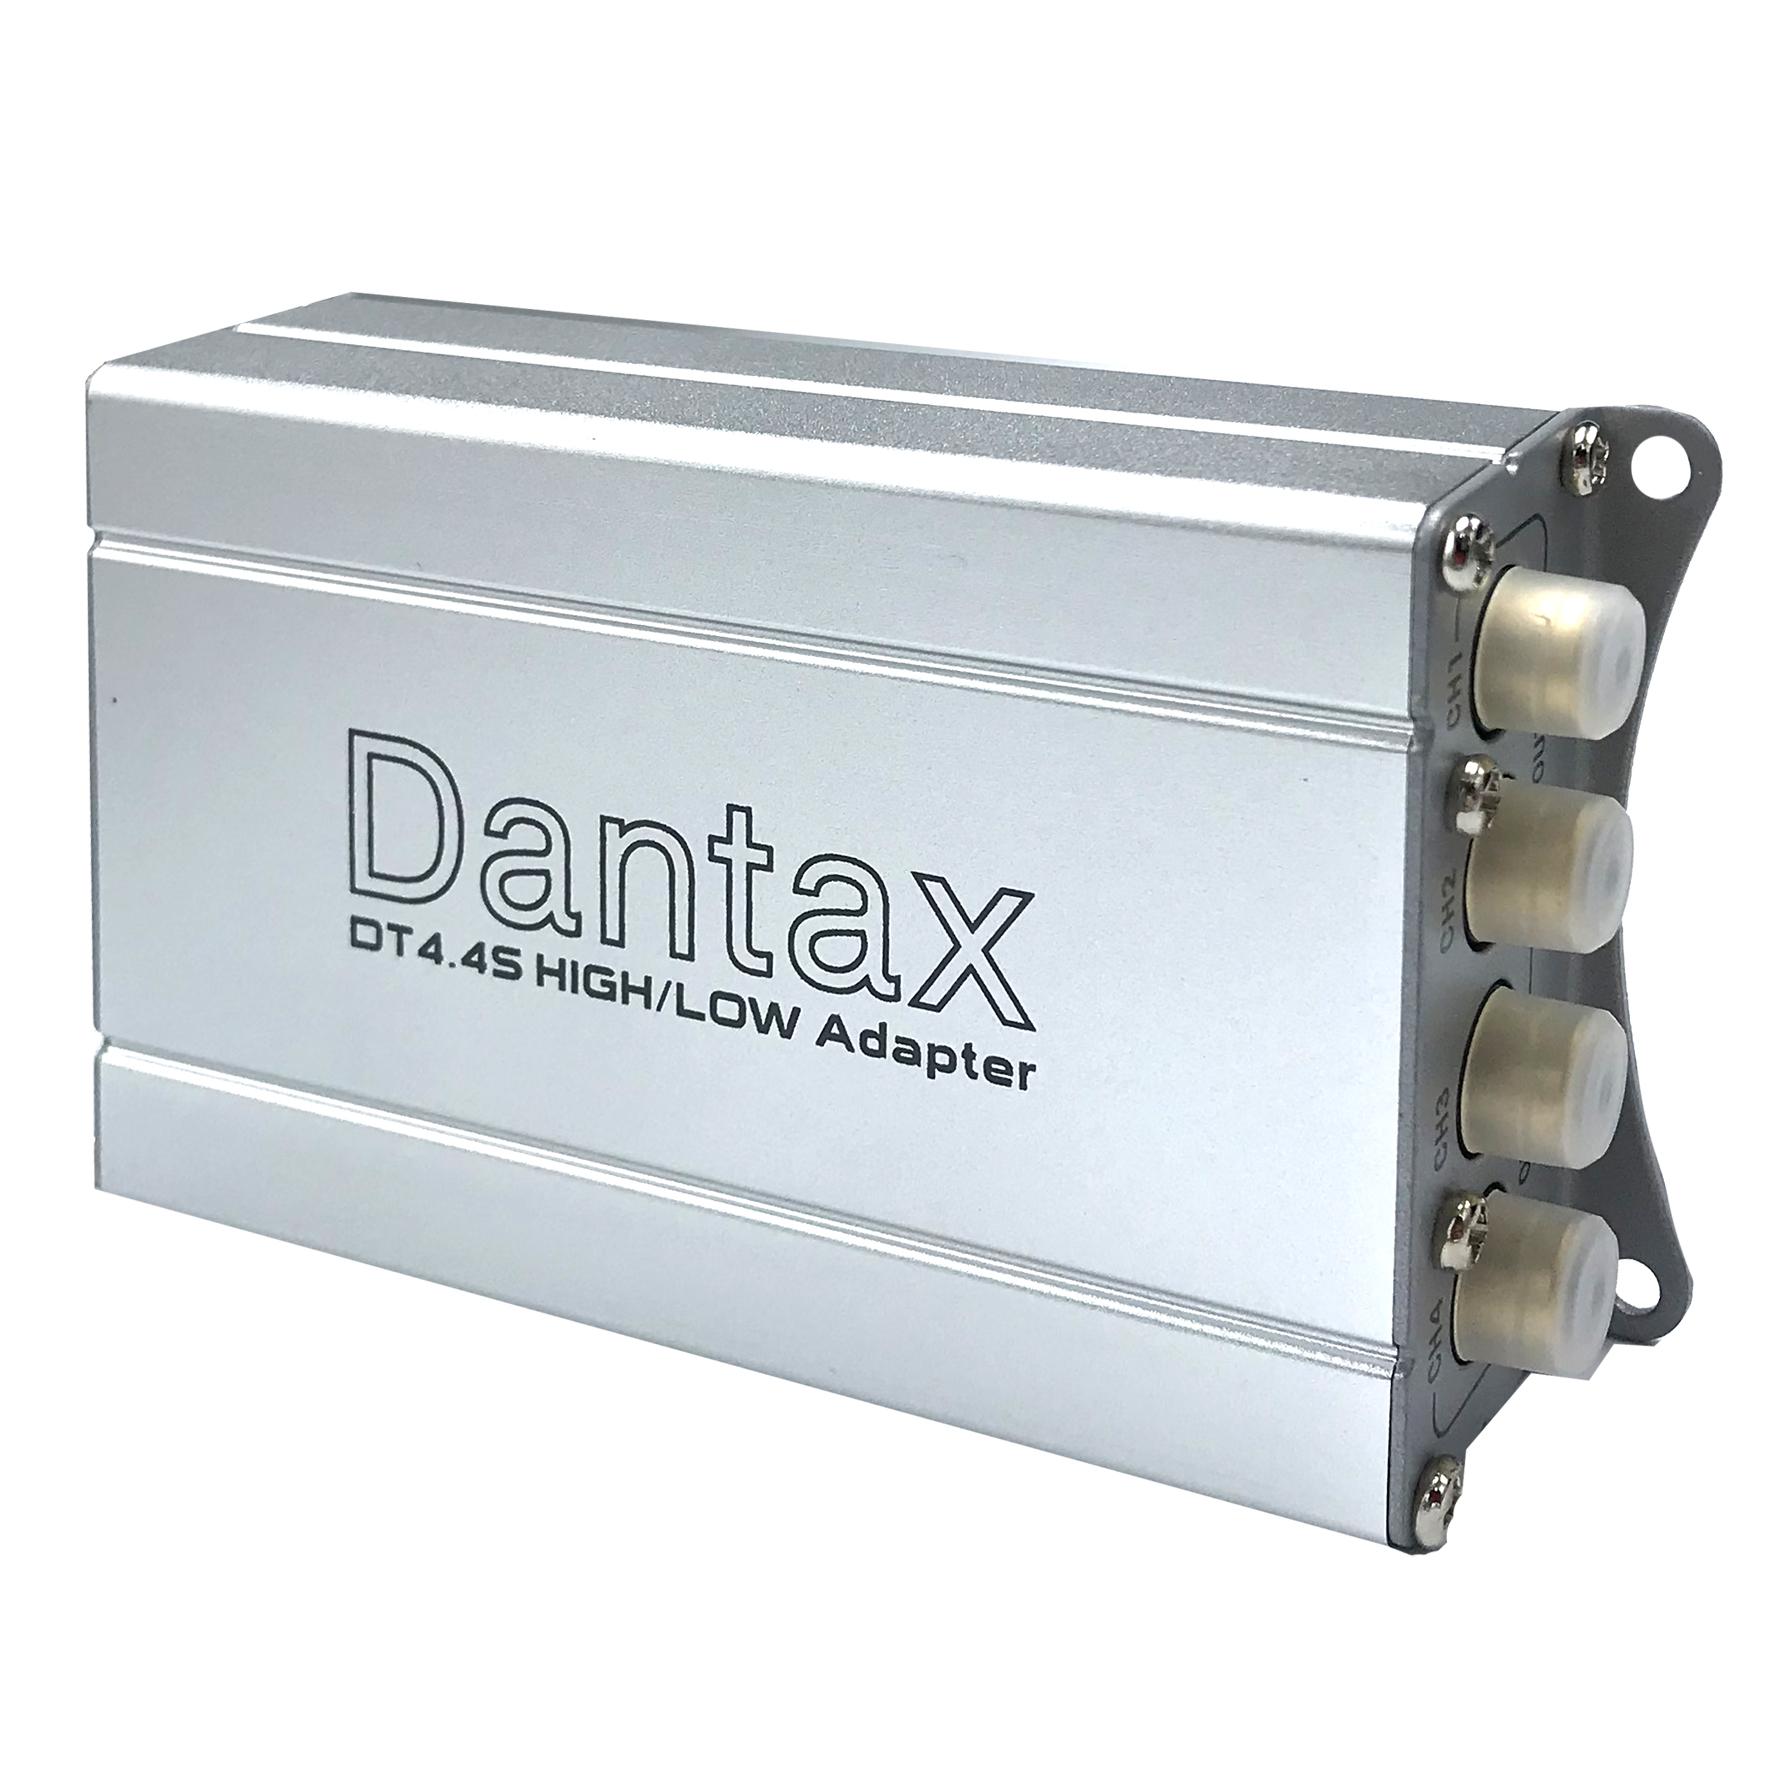 مبدل سیستم صوتی دنتکس مدل DT4.4S